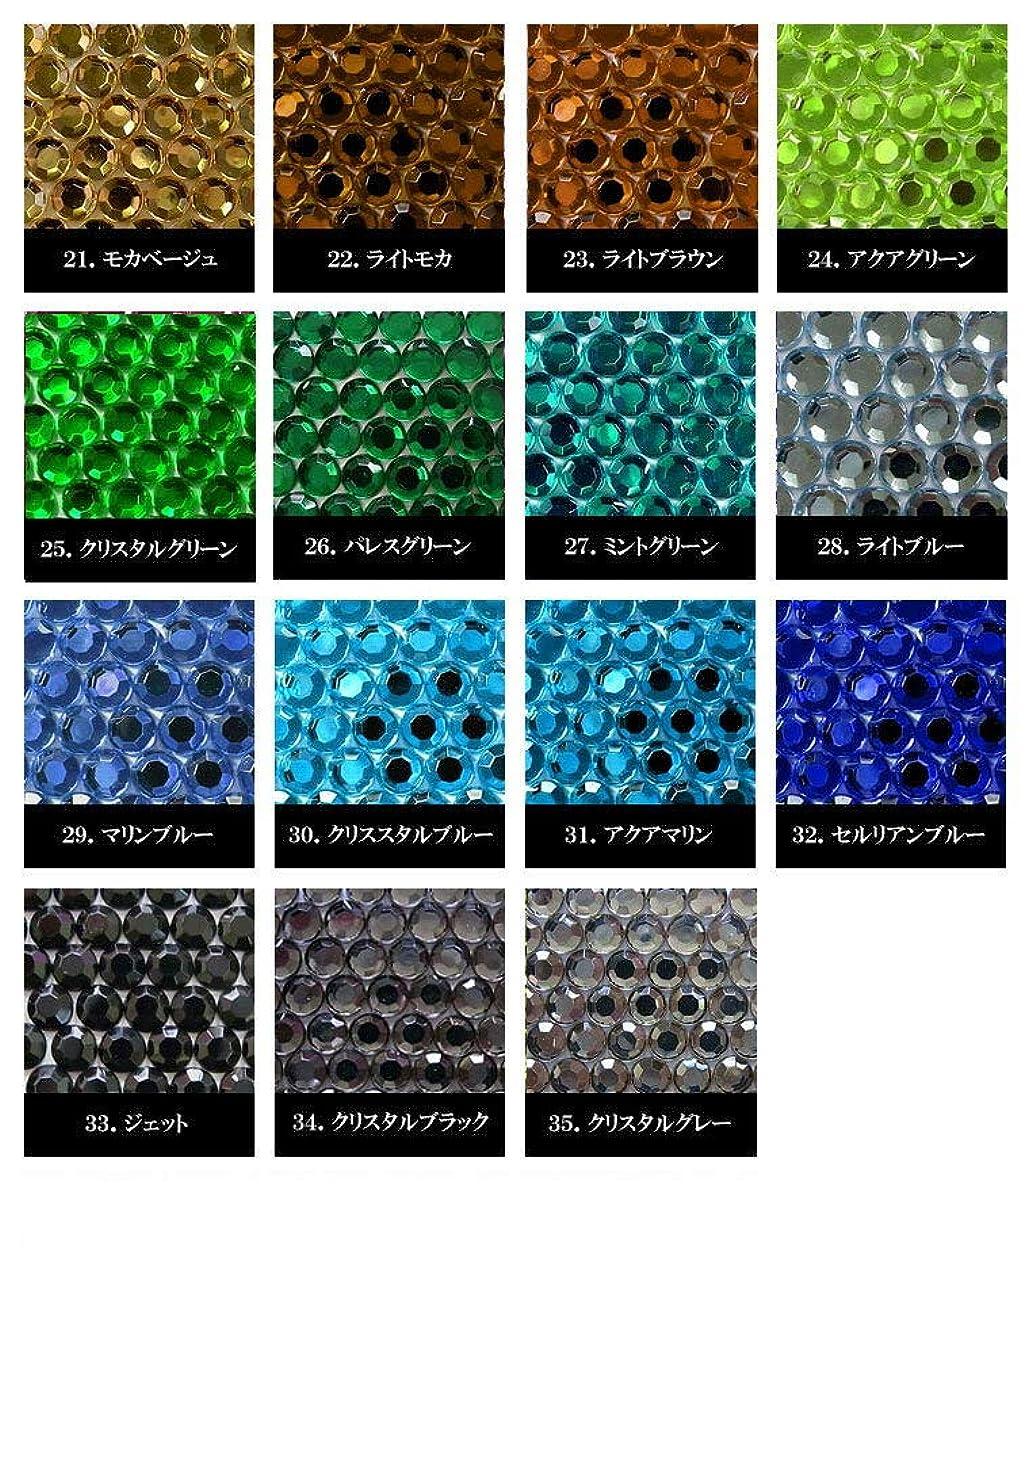 アジア人コインランドリー肯定的アクリル製ラインストーン ダイヤカット型6mm~10mm(2) (6mm(100), マリンブルー)